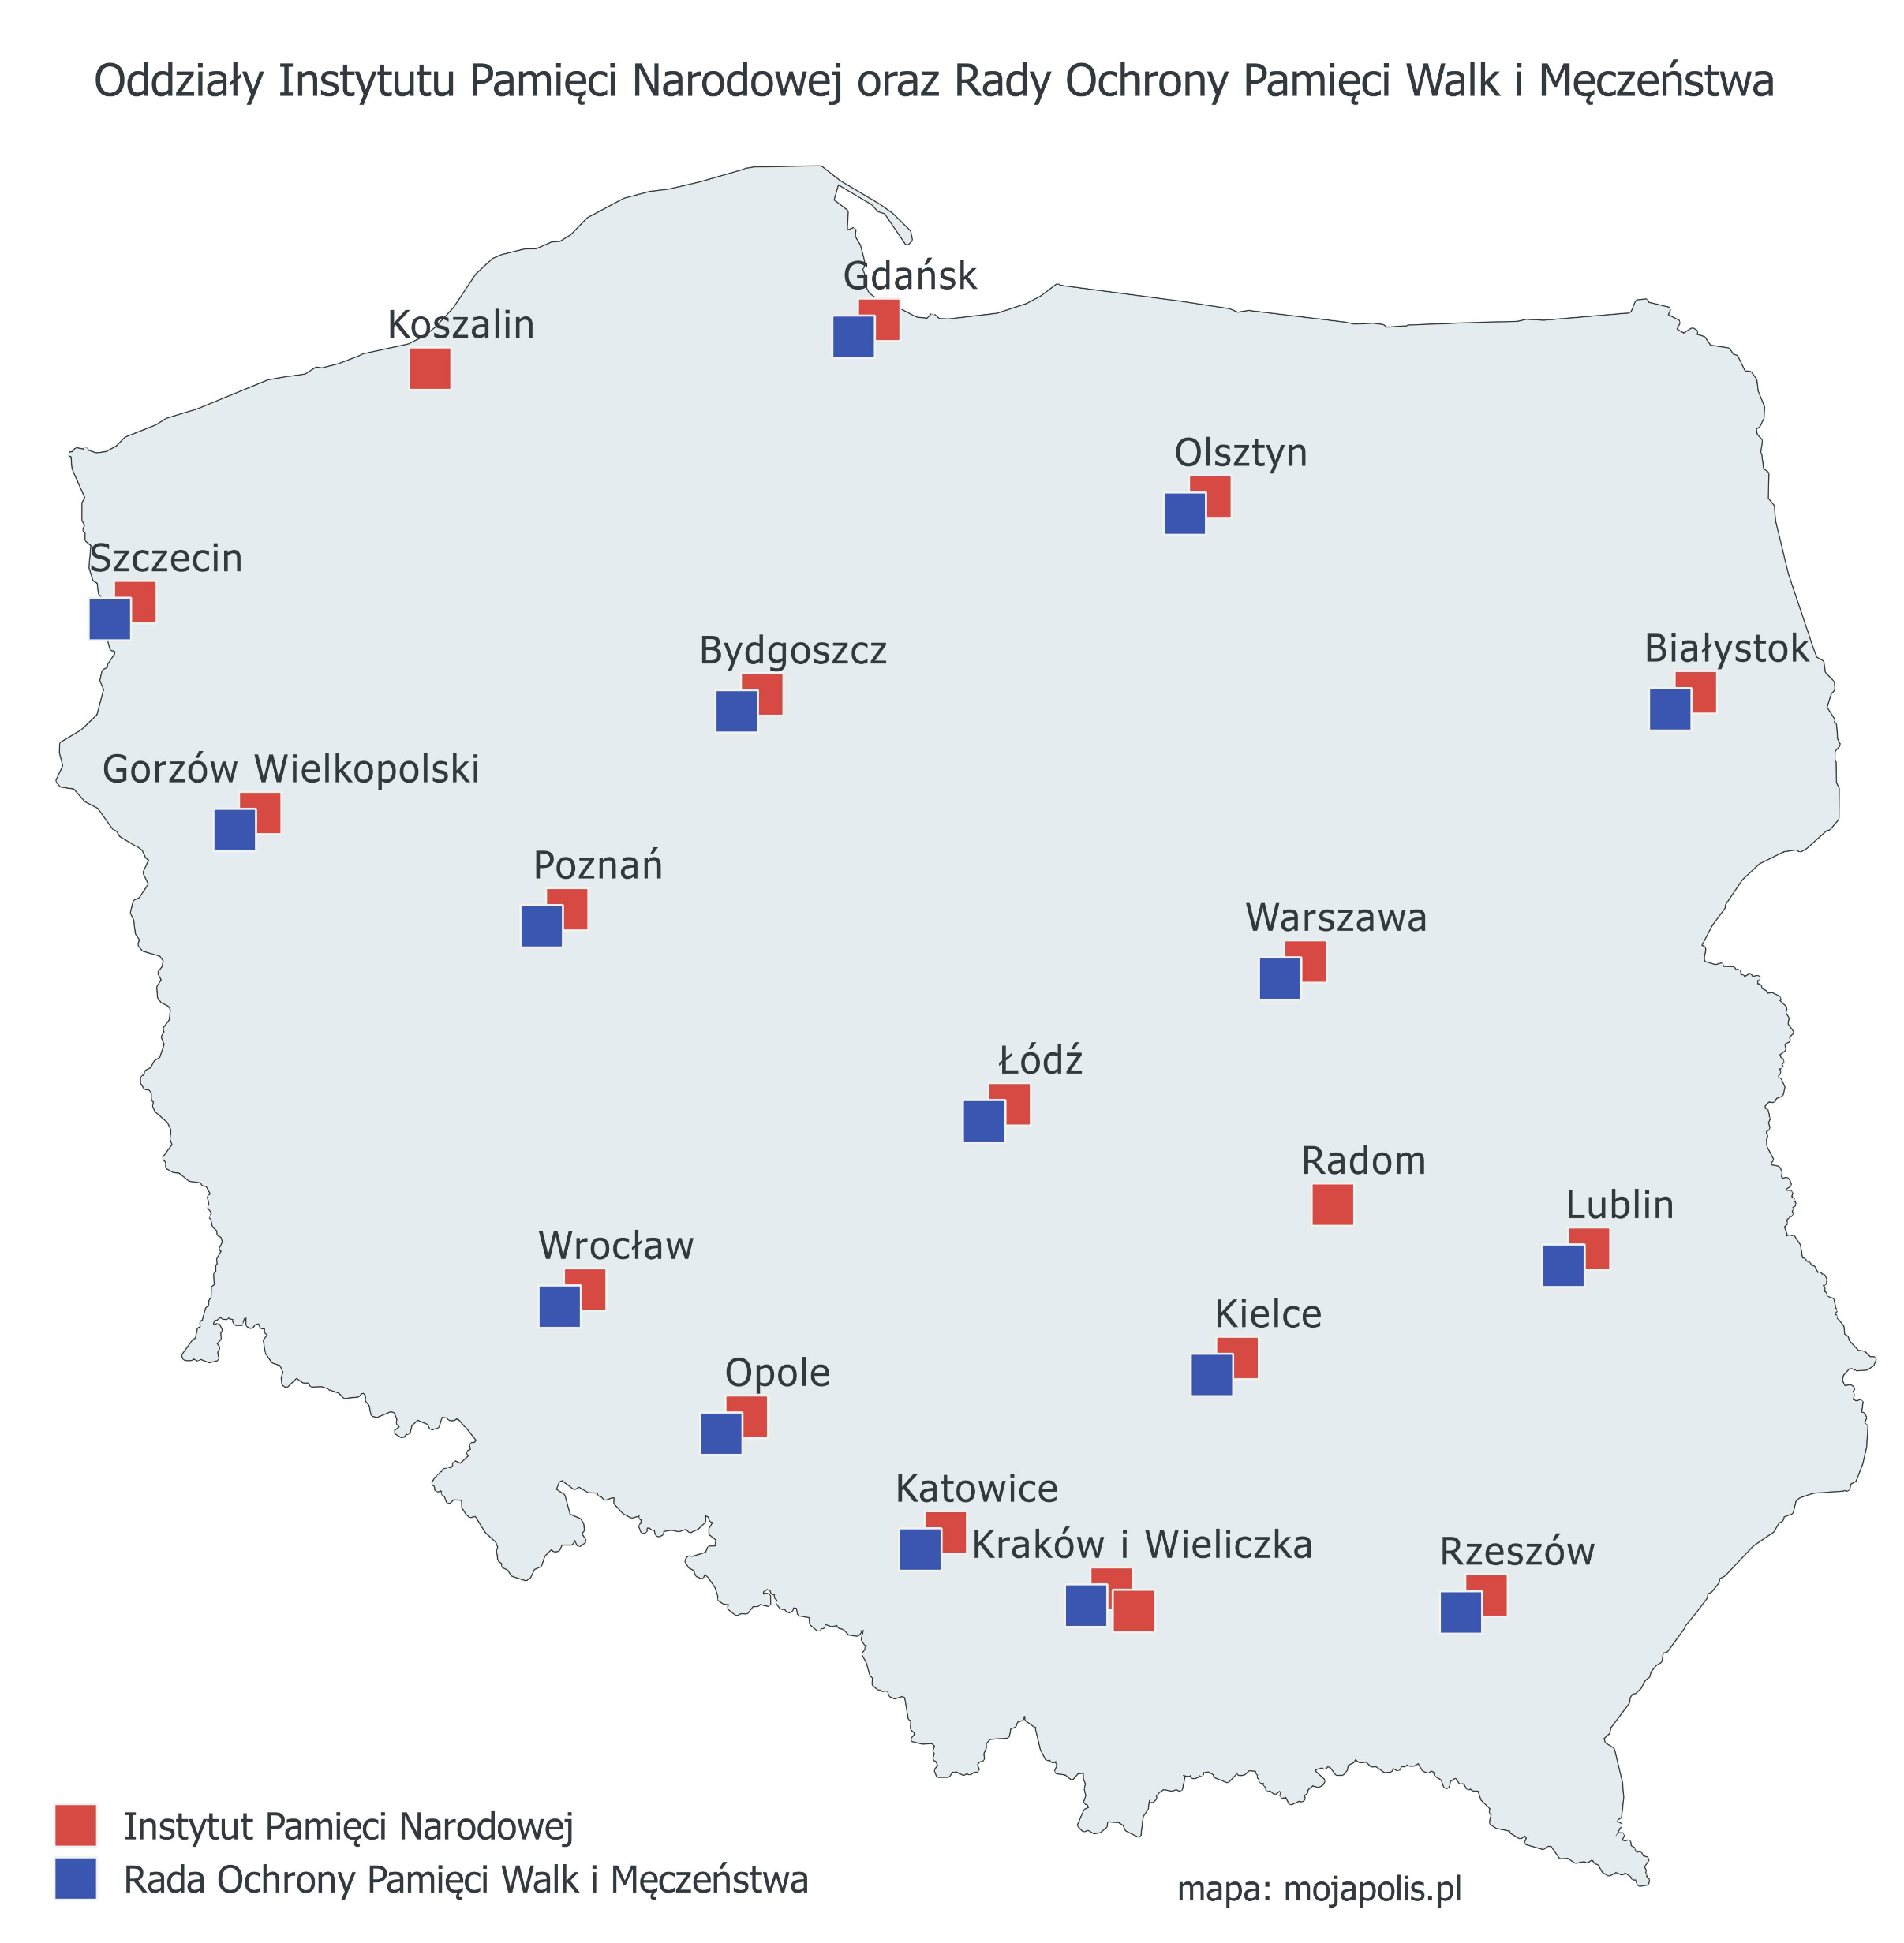 Mapa oddziałów IPN w Polsce